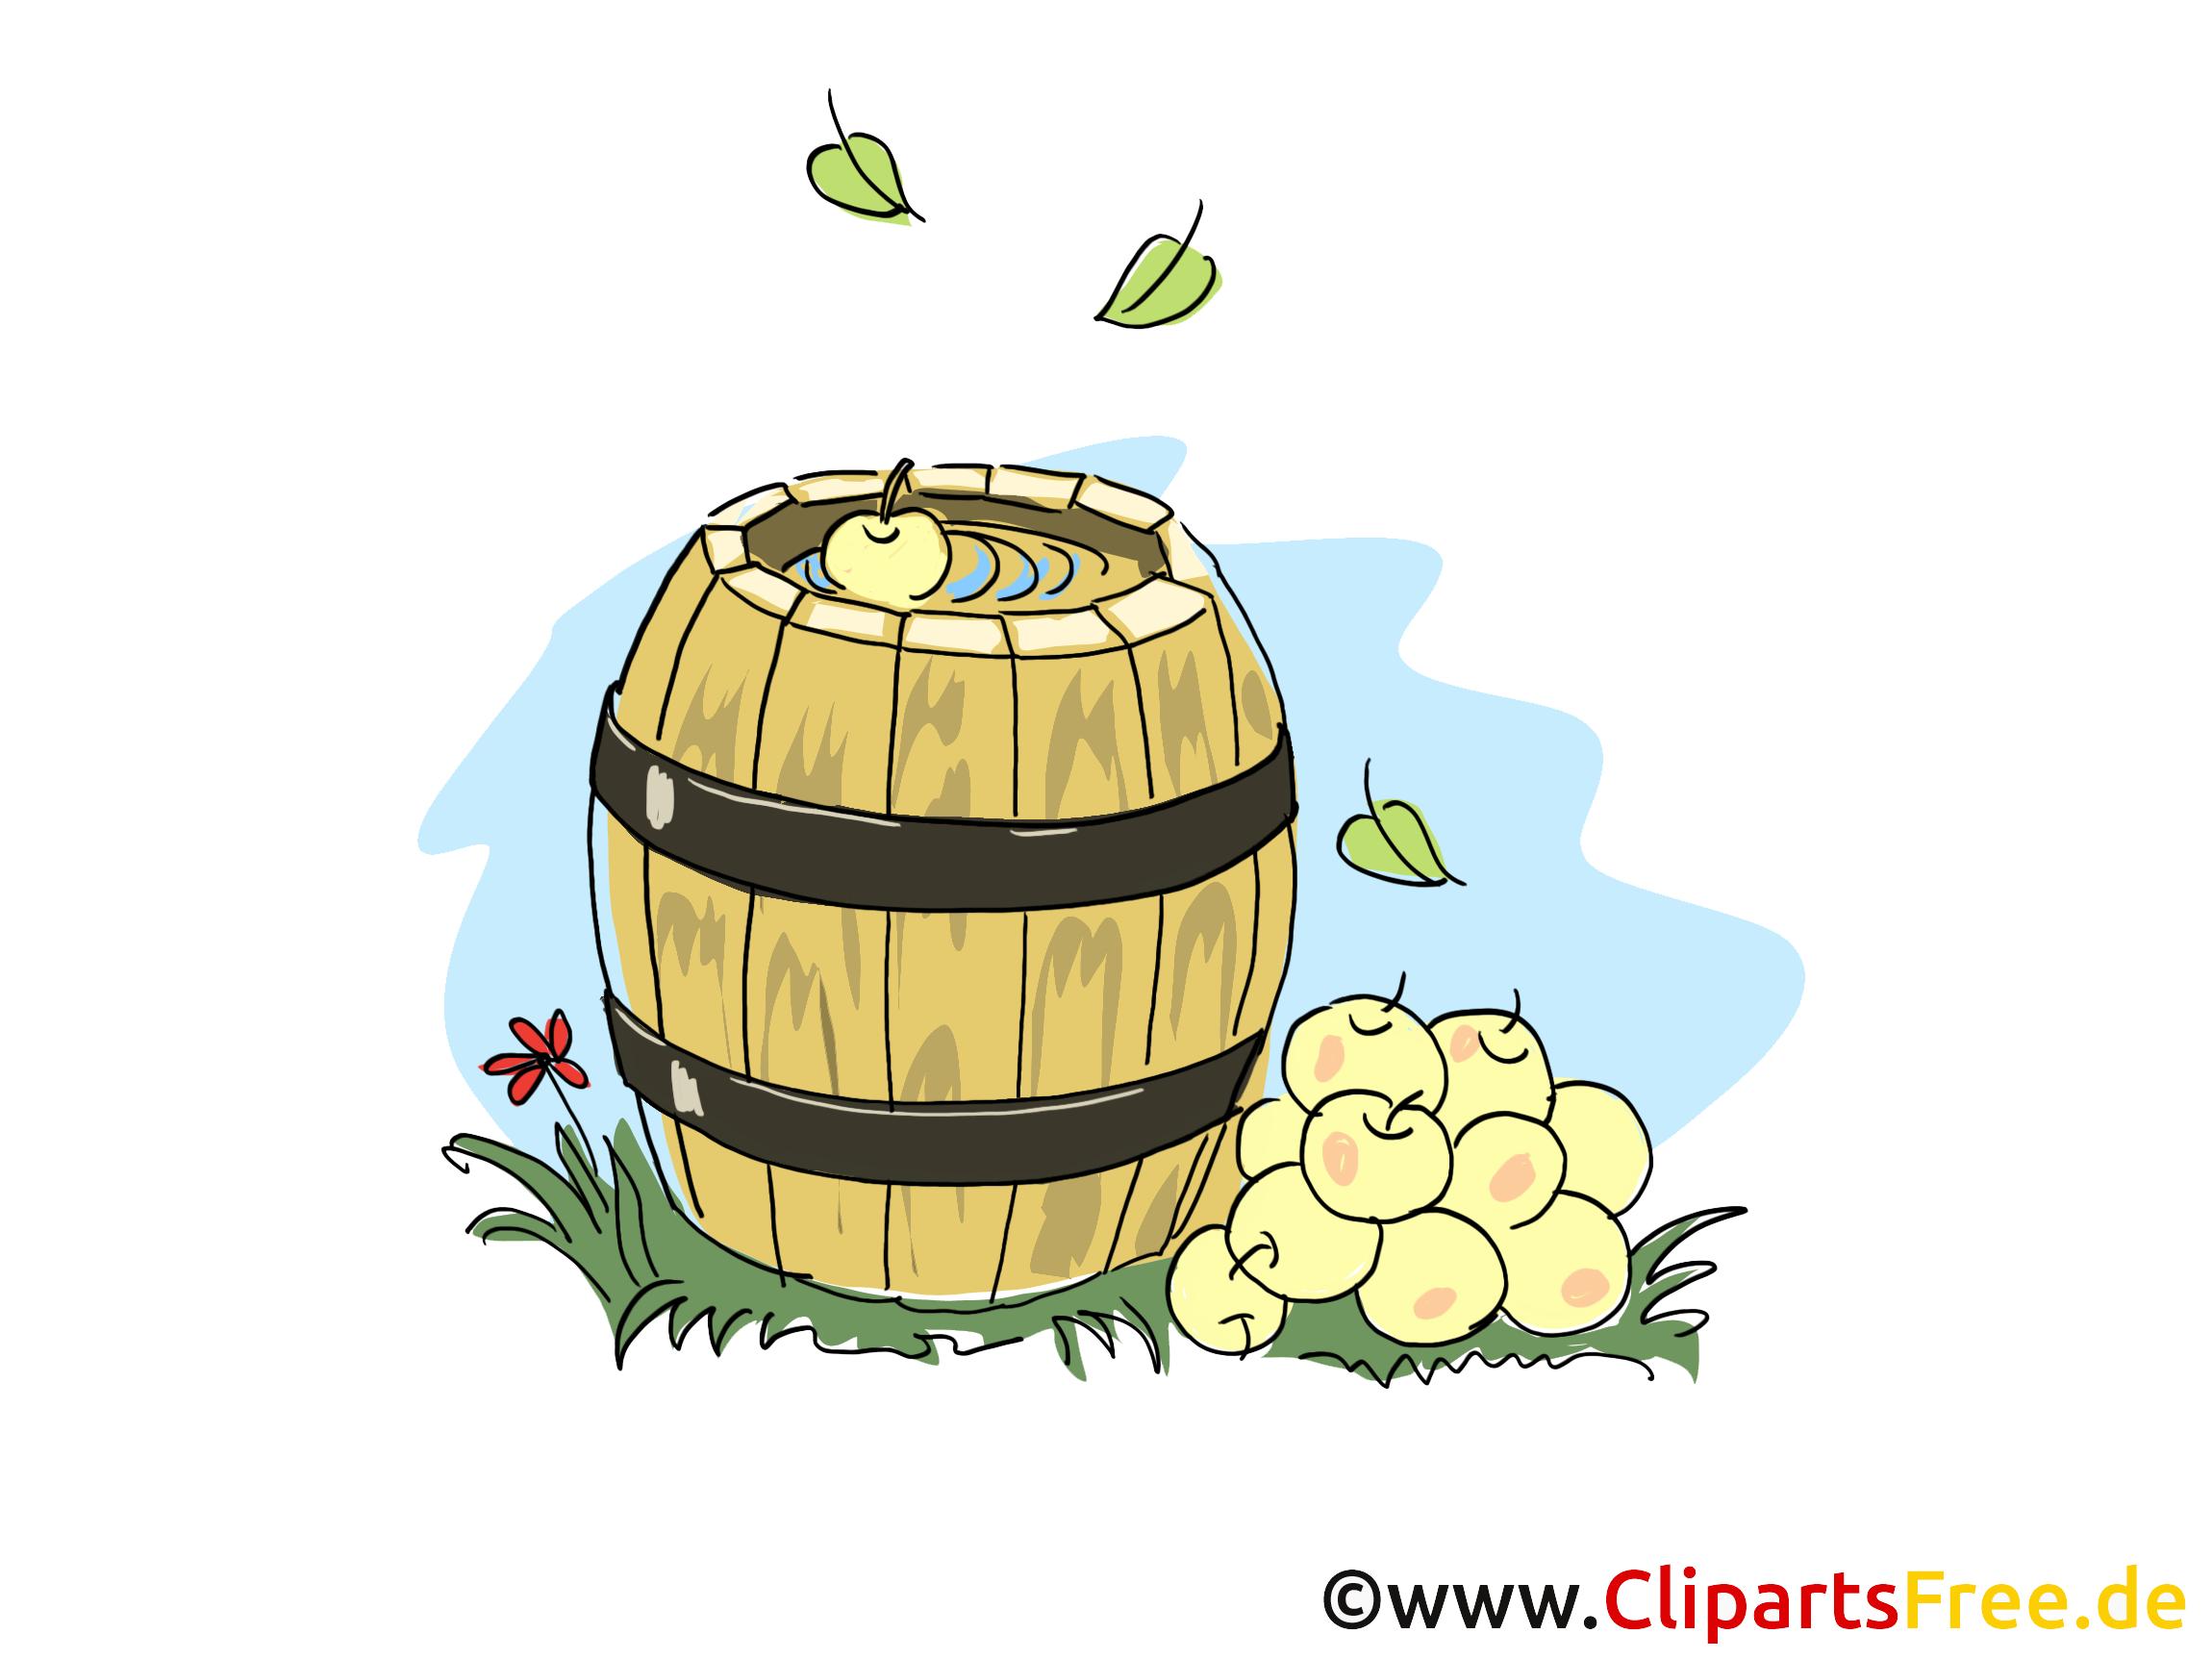 Äpfelernte im Herbst Cliparts, Bilder, Grafiken